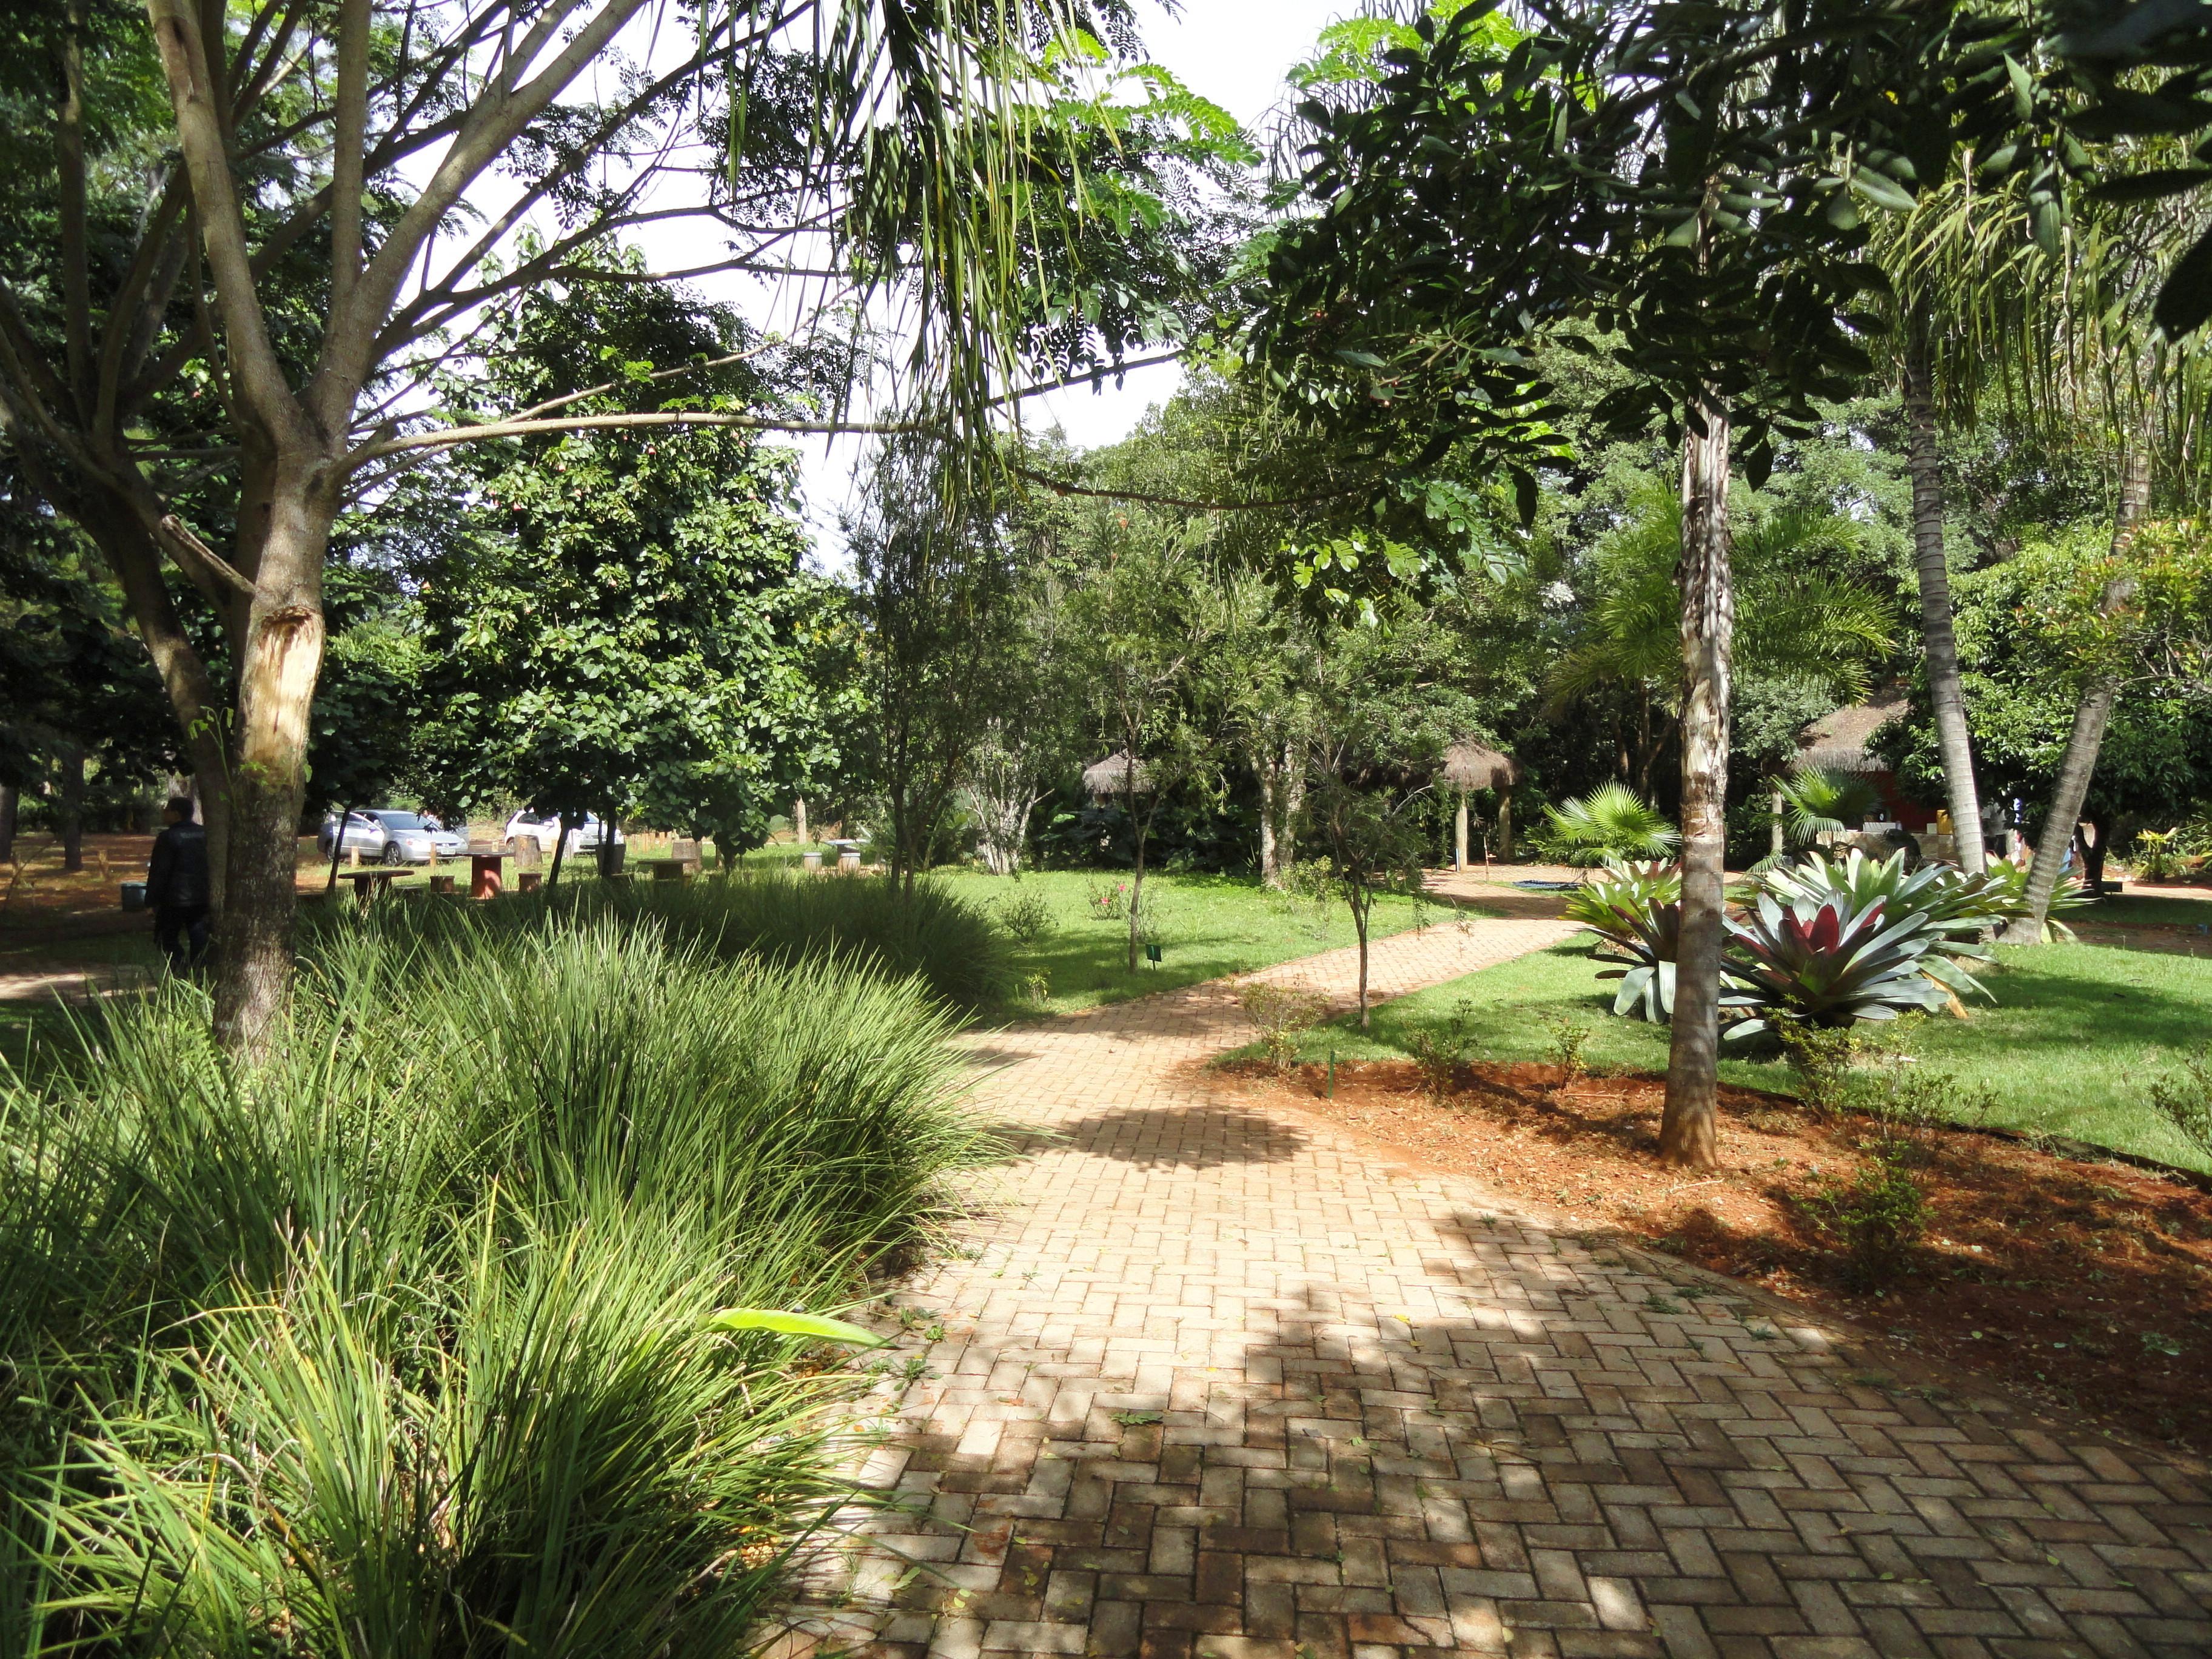 FilePatio  Jardim Botânico de Brasília  DSC09692JPG  Wikimedia